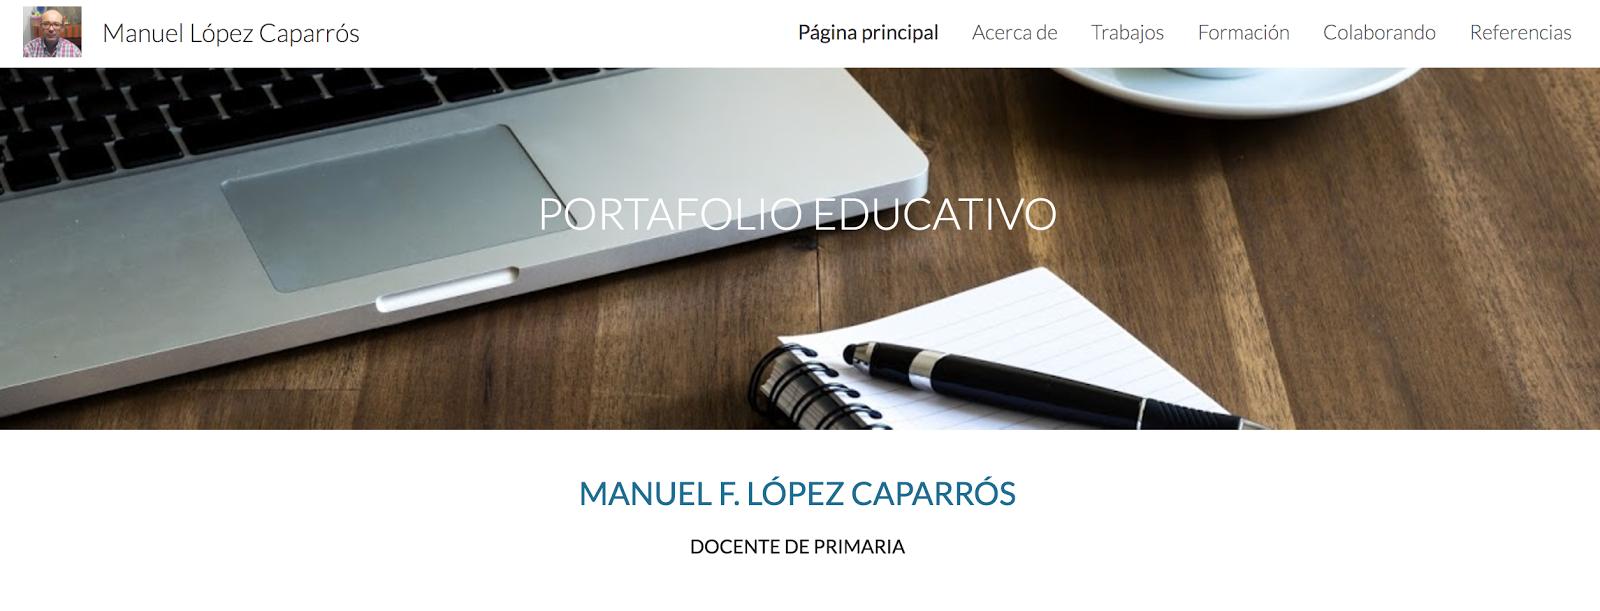 Visita mi portfolio educativo